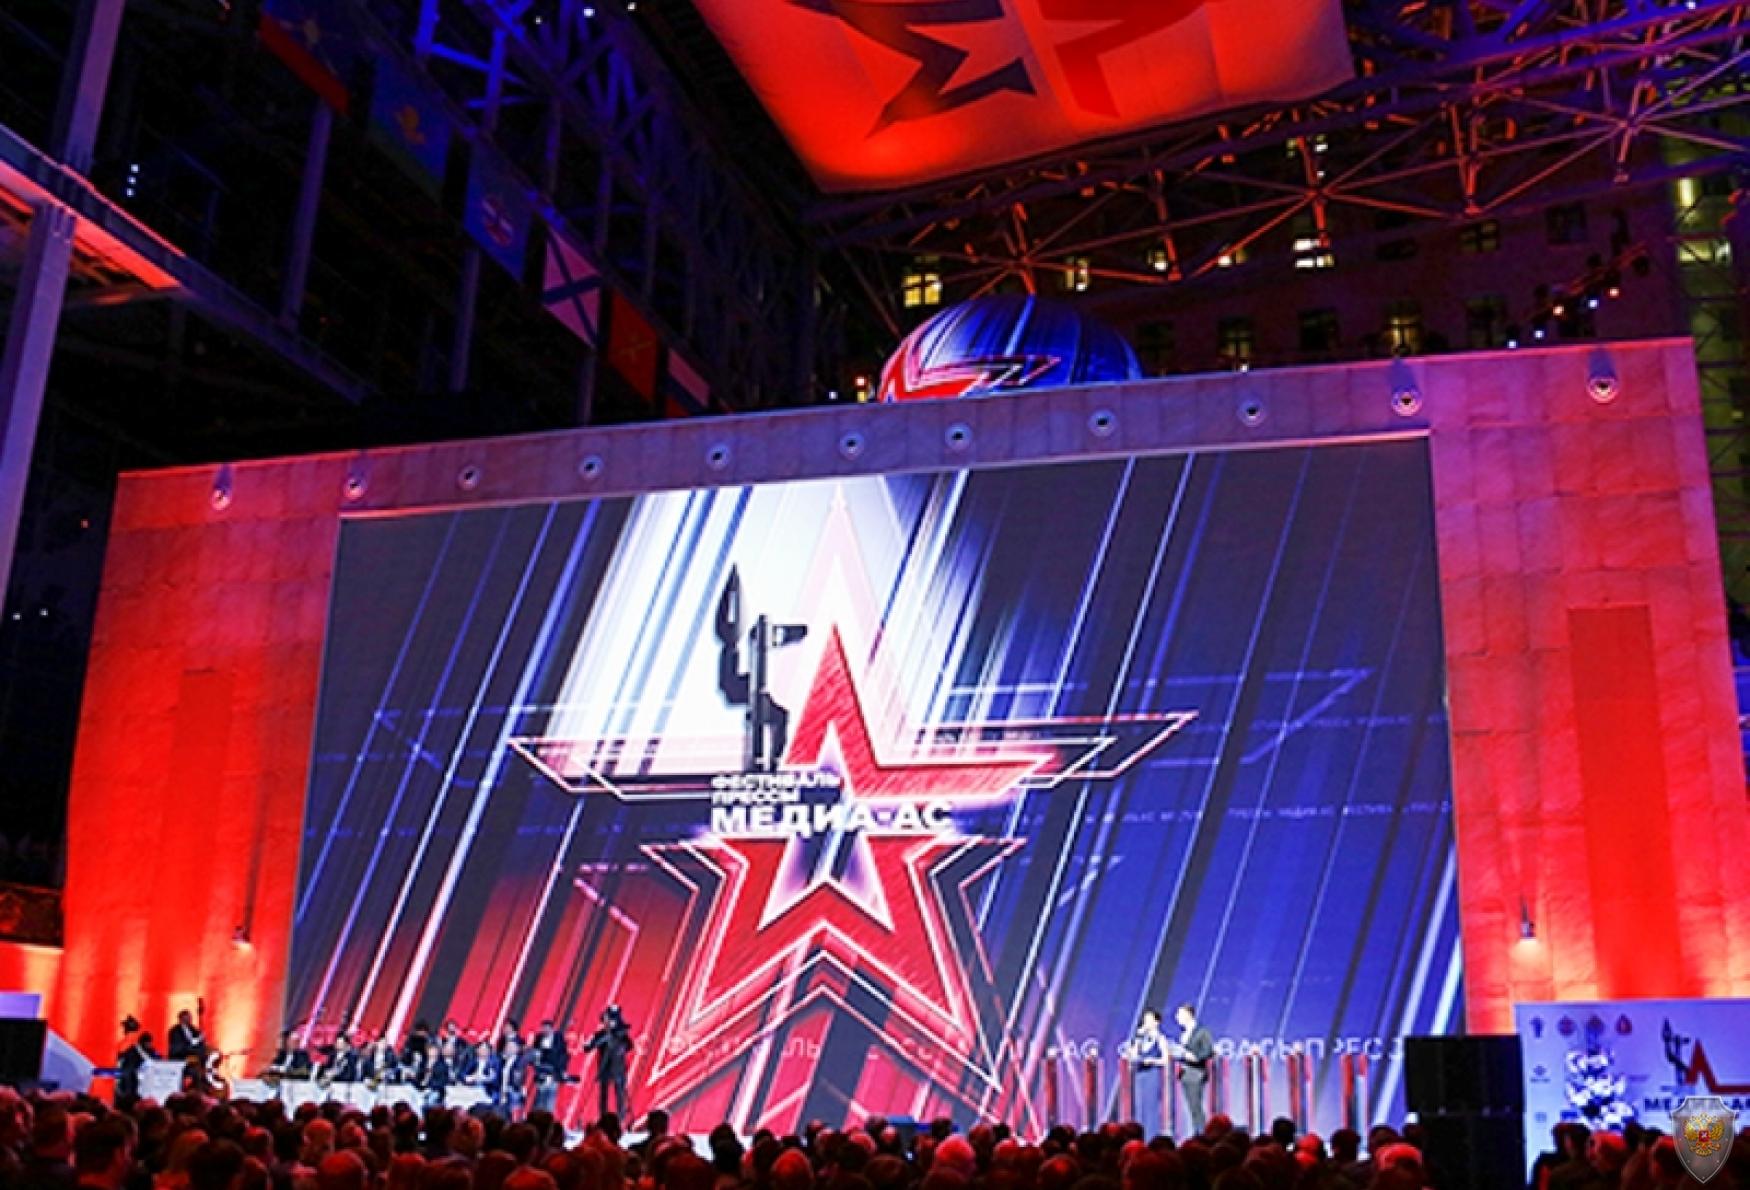 В Минобороне России состоялся Всероссийский фестиваль прессы «Медиа-АС-2015», на котором награждены представители СМИ, освещающие военную тематику. 27 марта 2015 года